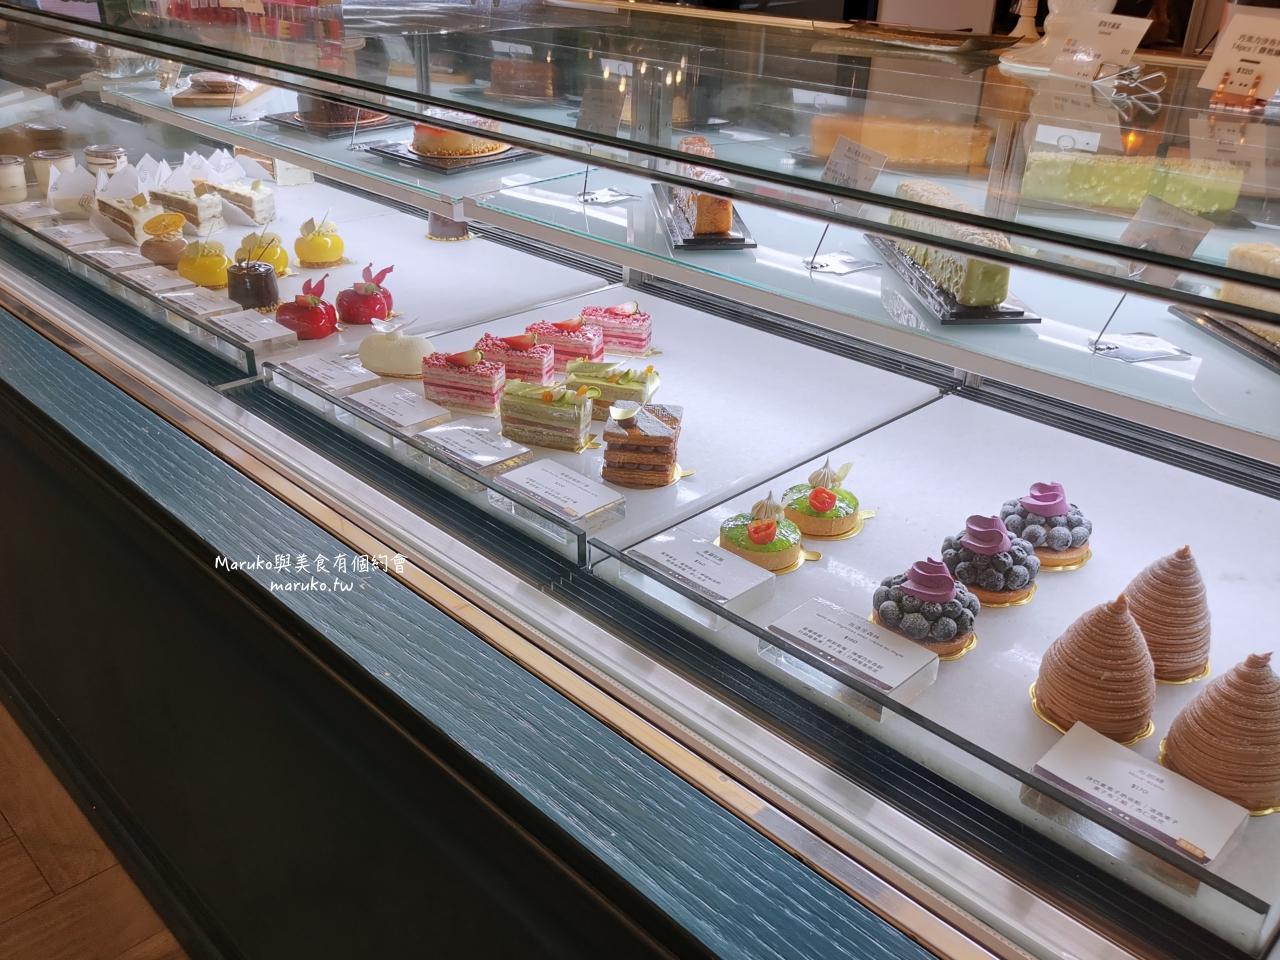 【台北】珠寶盒法式點心坊 隱藏在師大巷內的法式甜點只要50元起 @Maruko與美食有個約會